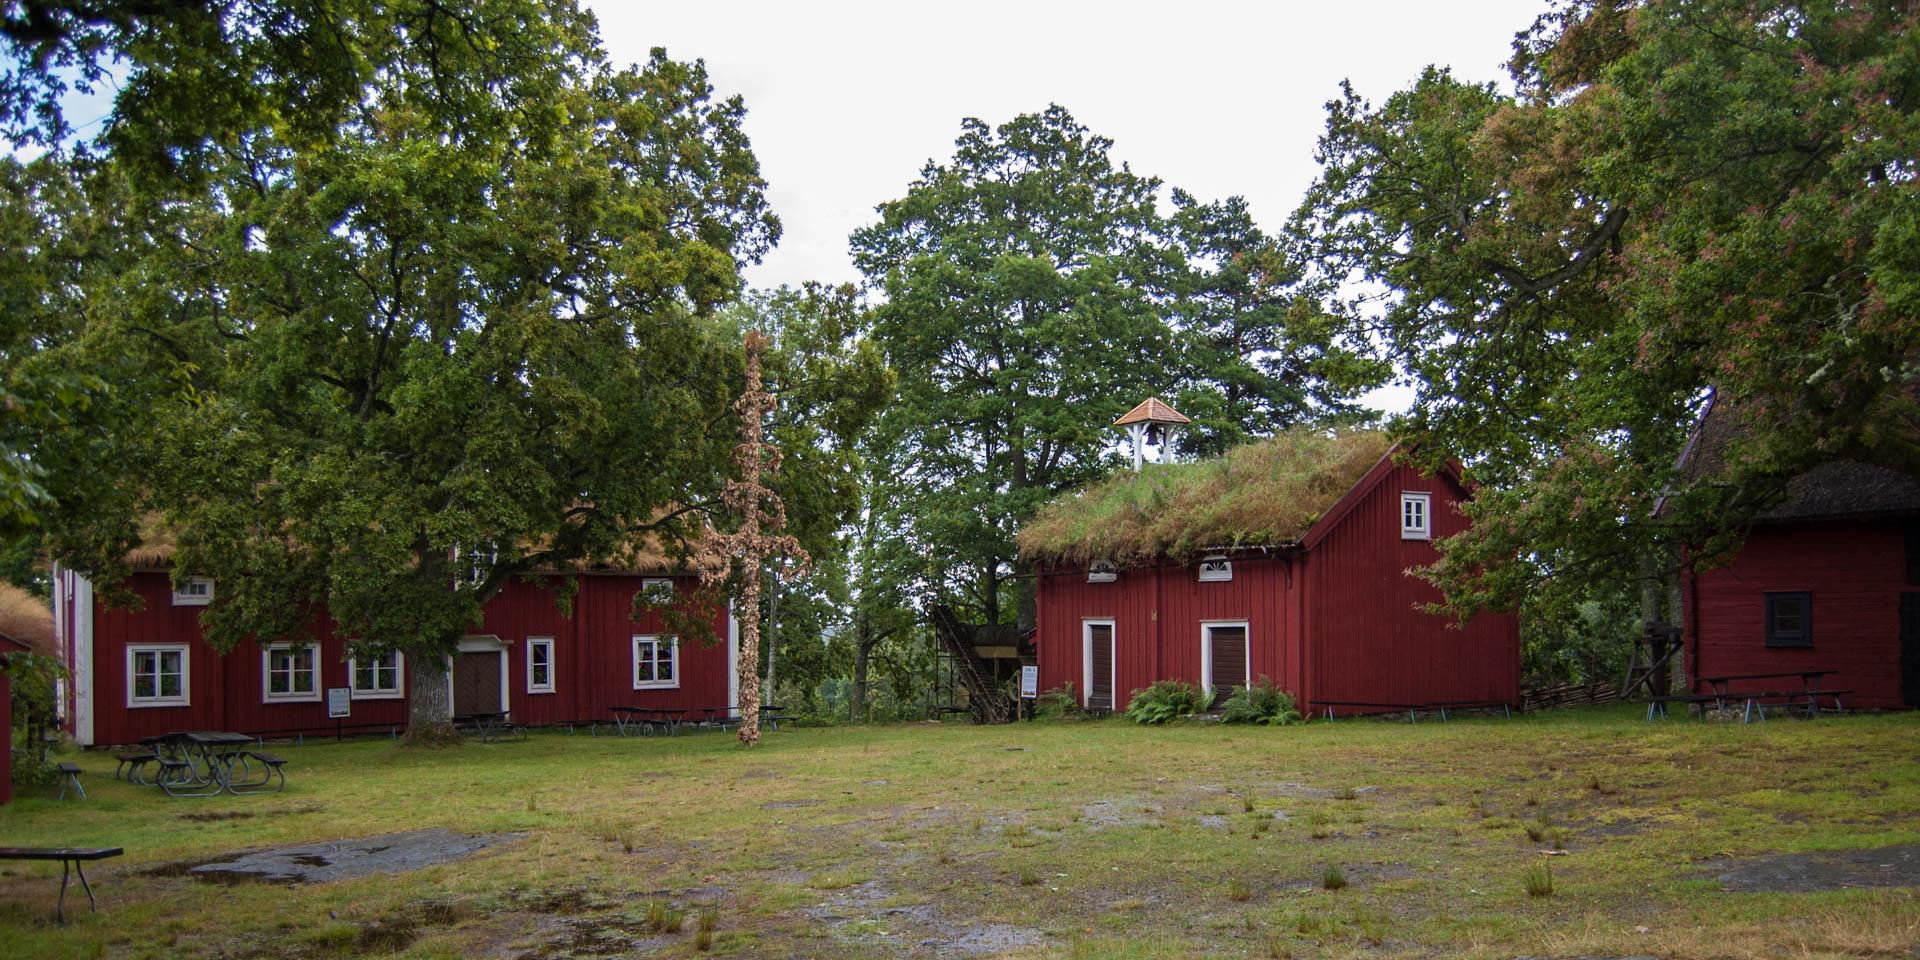 Hembygdsgård Lunnabacken 2015